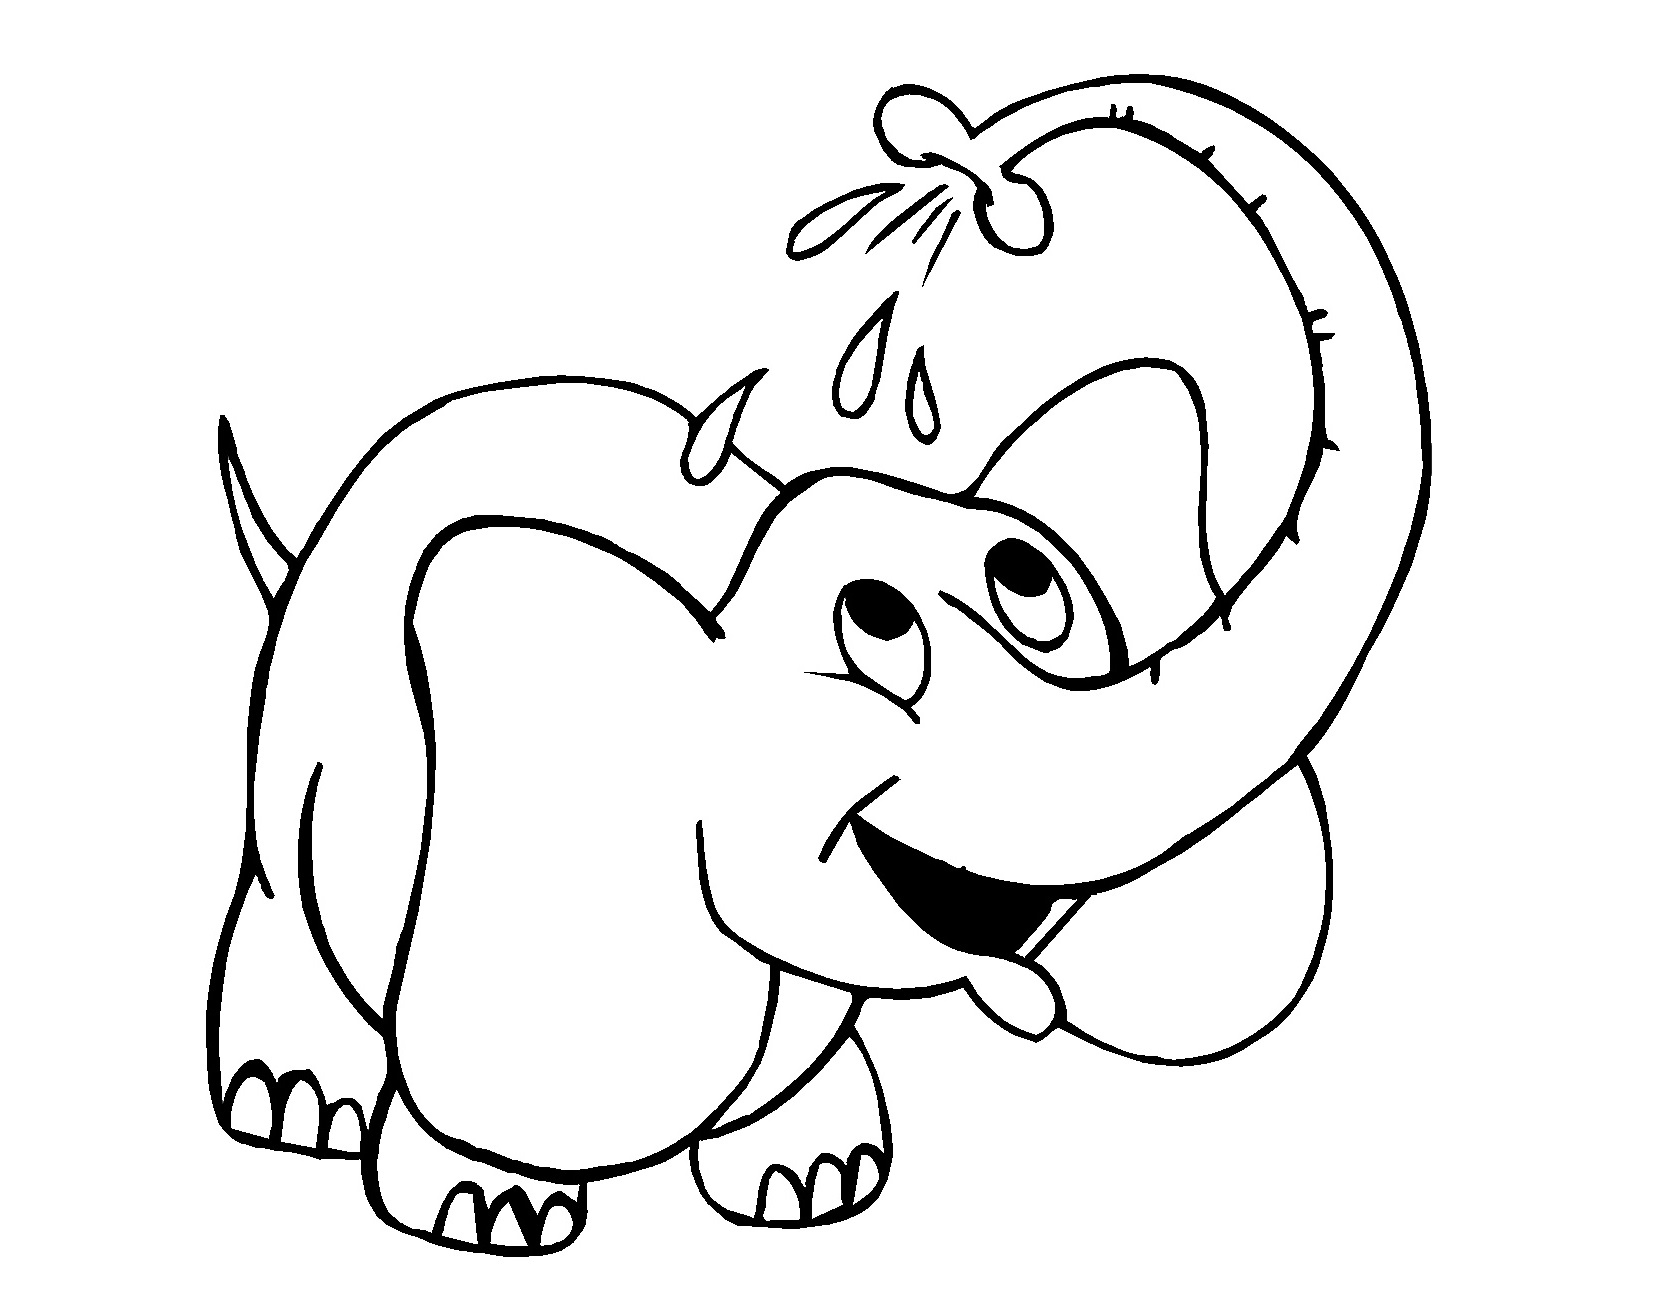 Elefant Ausmalbilder Kostenlos - Kids-Ausmalbildertv bestimmt für Malvorlage Elefant